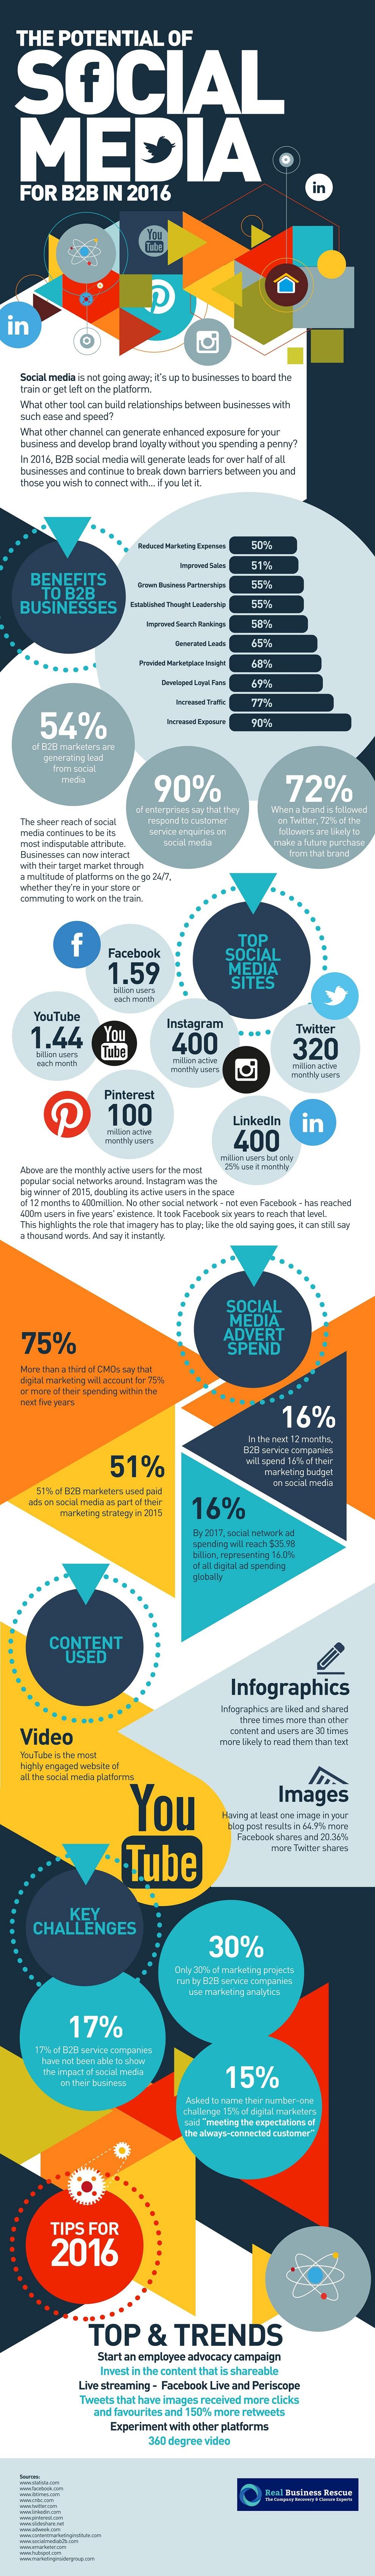 شبکه های اجتماعی در سال 2016